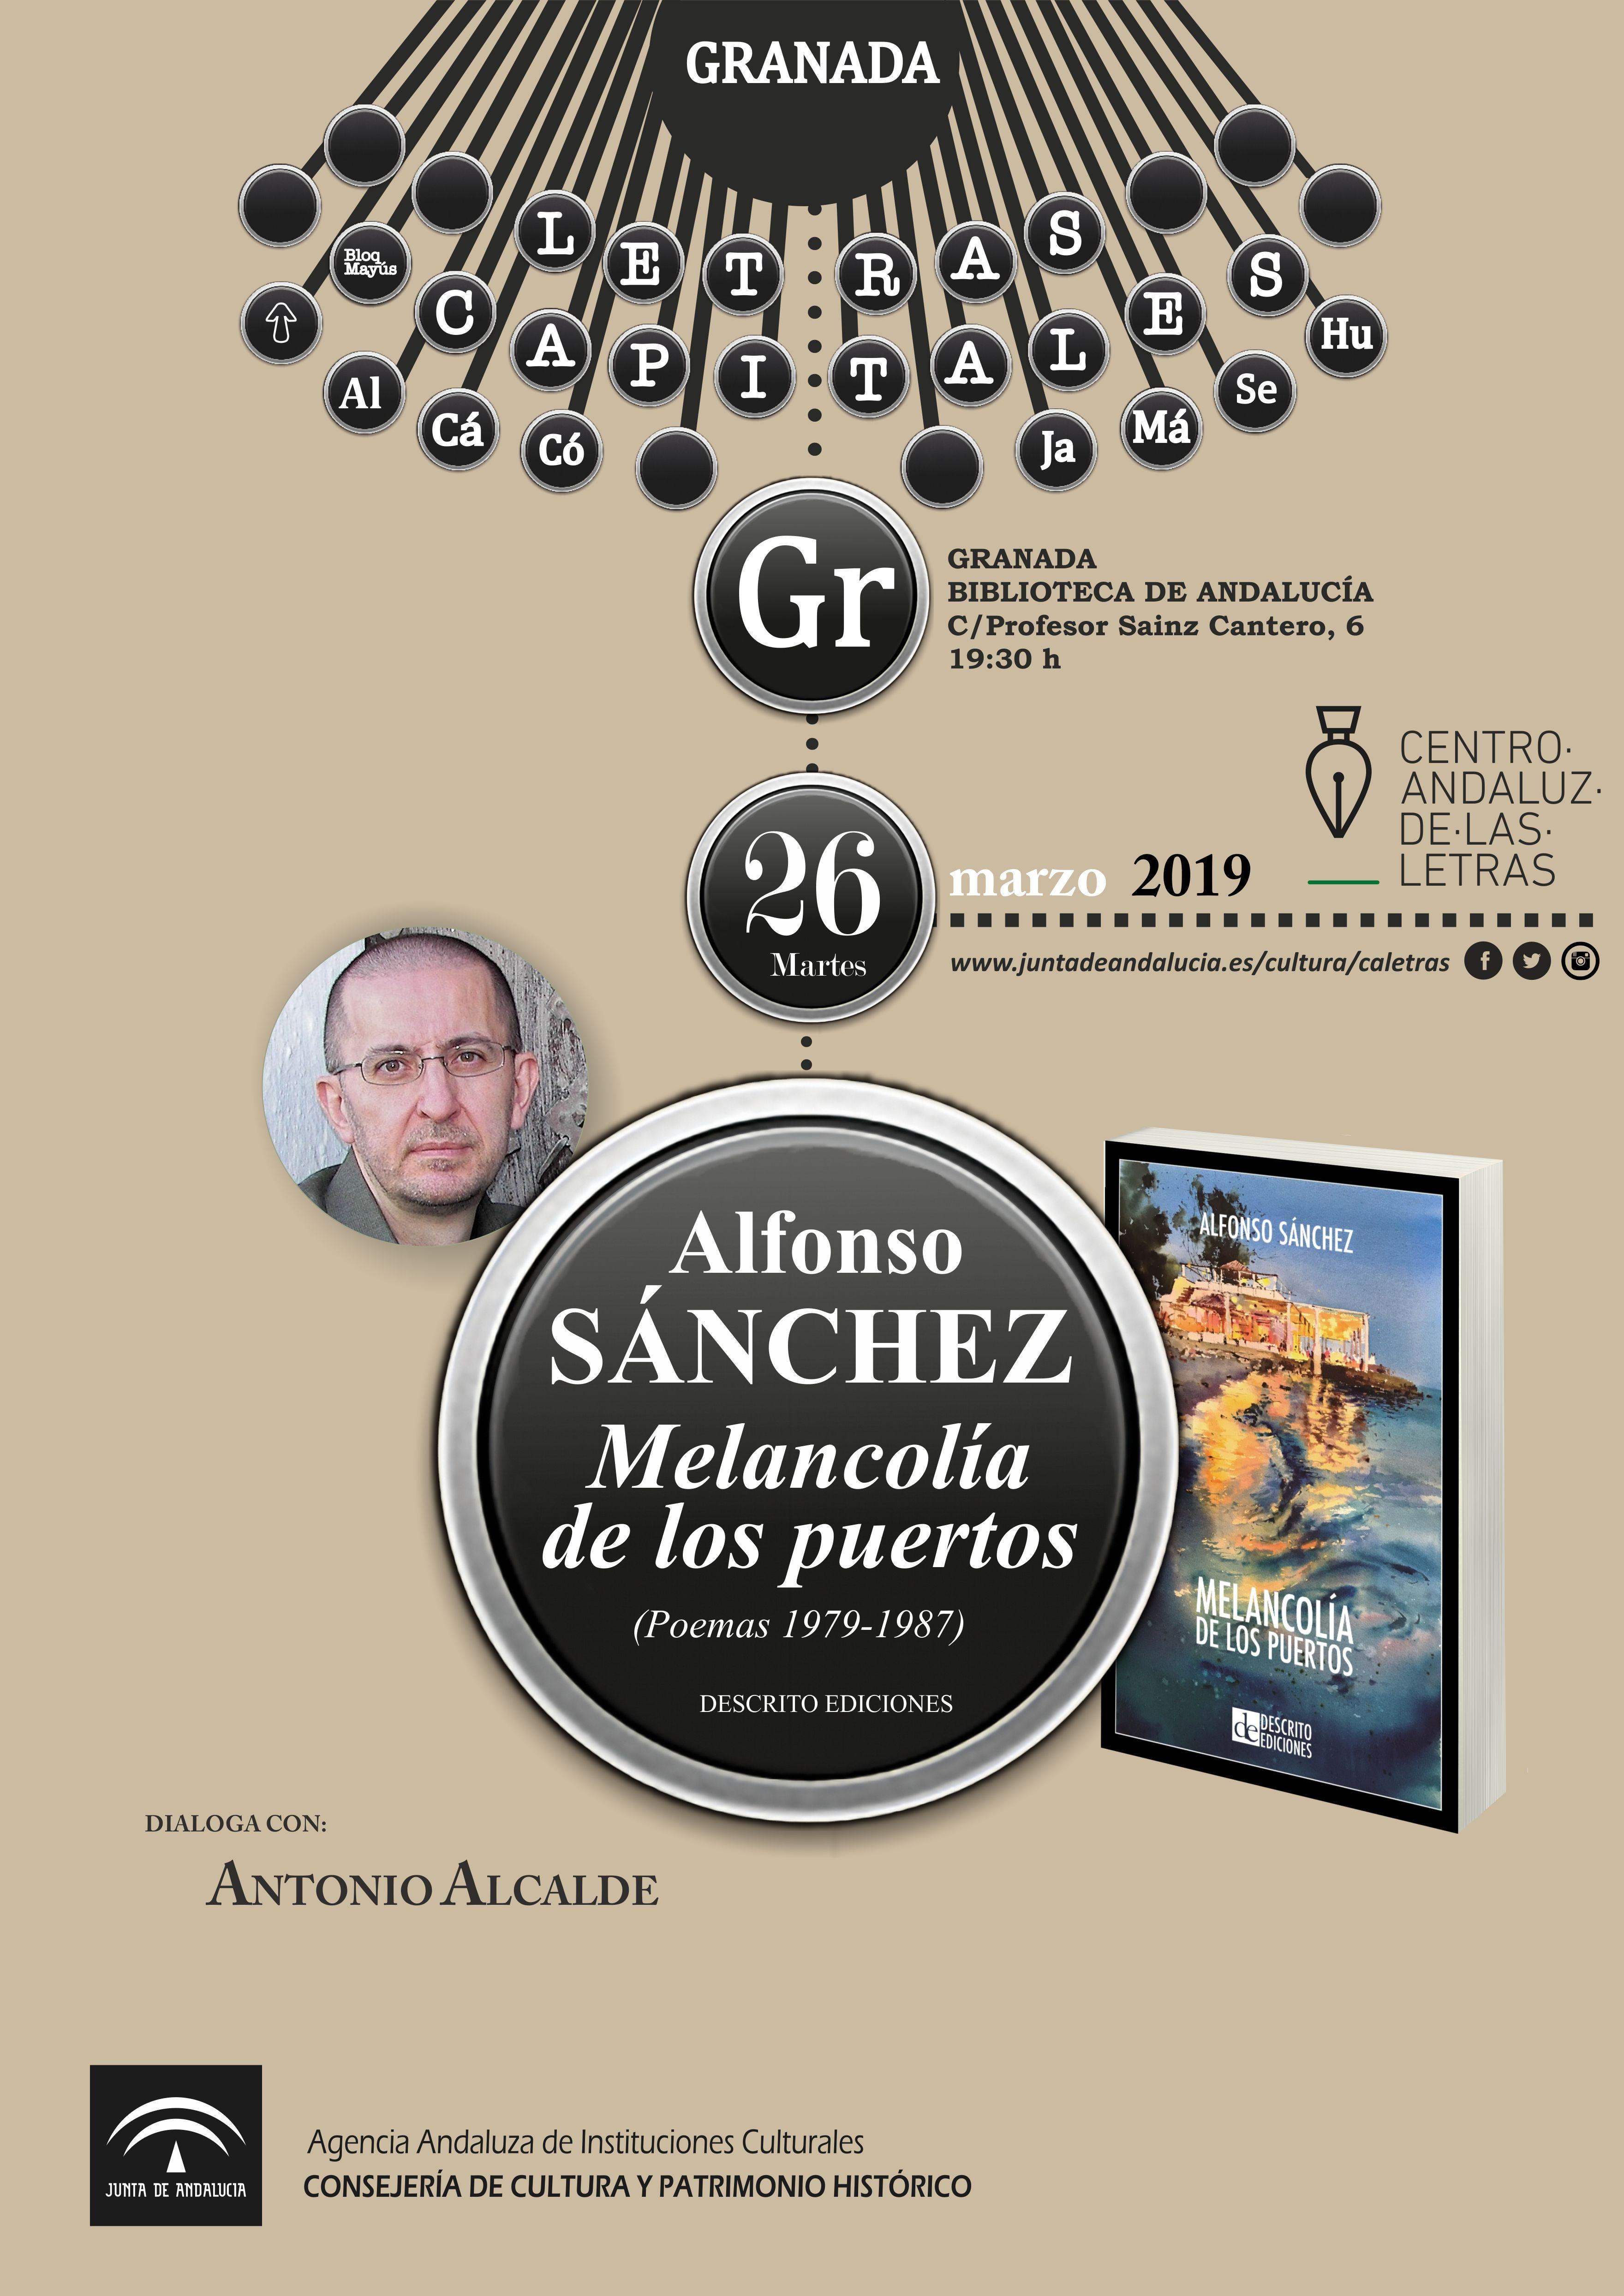 El Centro Andaluz de las Letras presenta en Granada el poemario 'Melancolía de los puertos', de Alfonso Sánchez